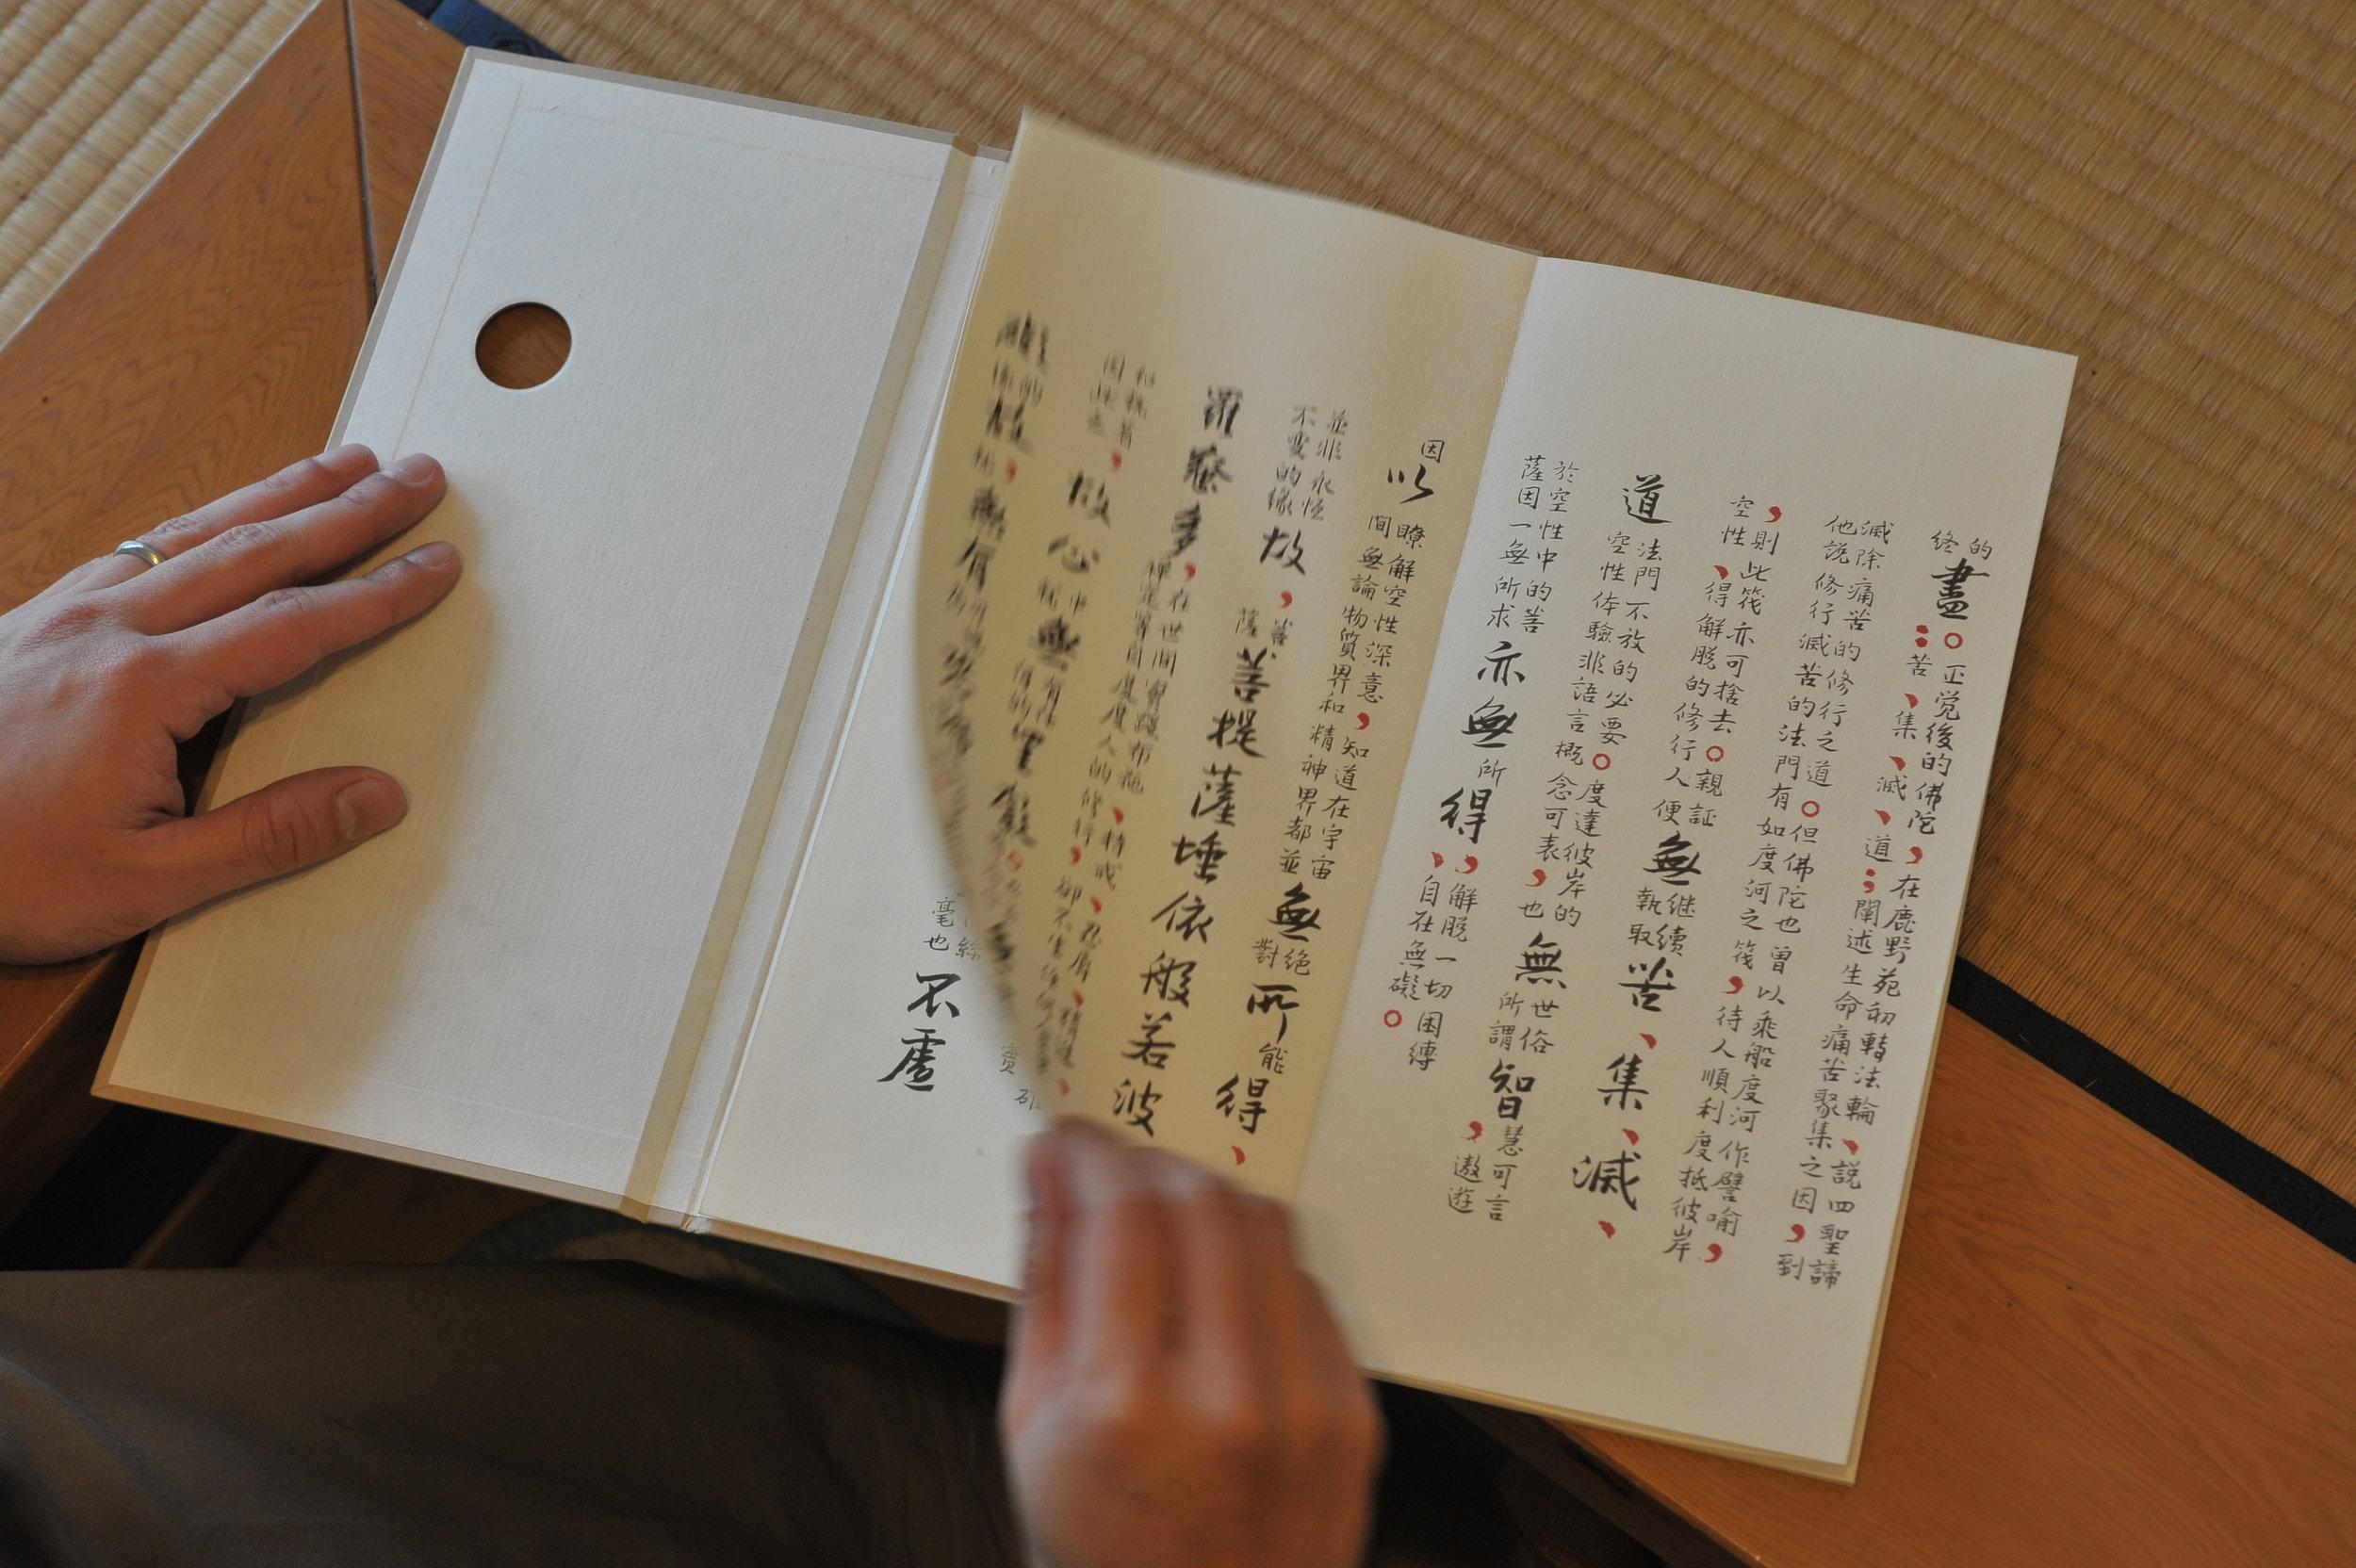 五、大小字心經白話簡說   奚淞以毛筆書寫的《心經白話簡說》,是一份了解《心經》的入門,也是我們可以活用於日常的心靈指引。